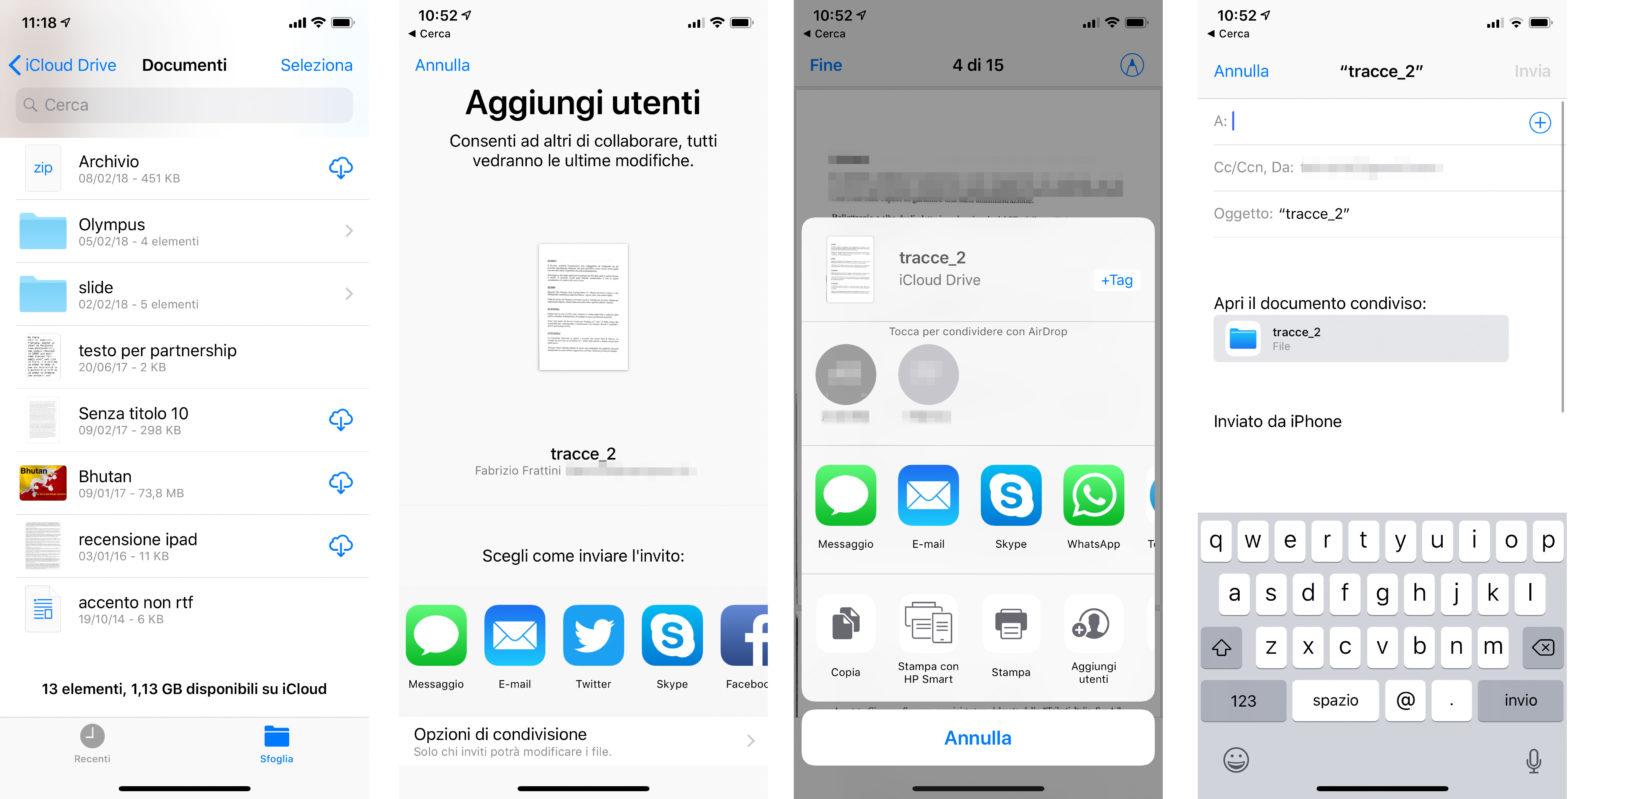 Come funziona la condivisione di file da iCloud Drive da iOS